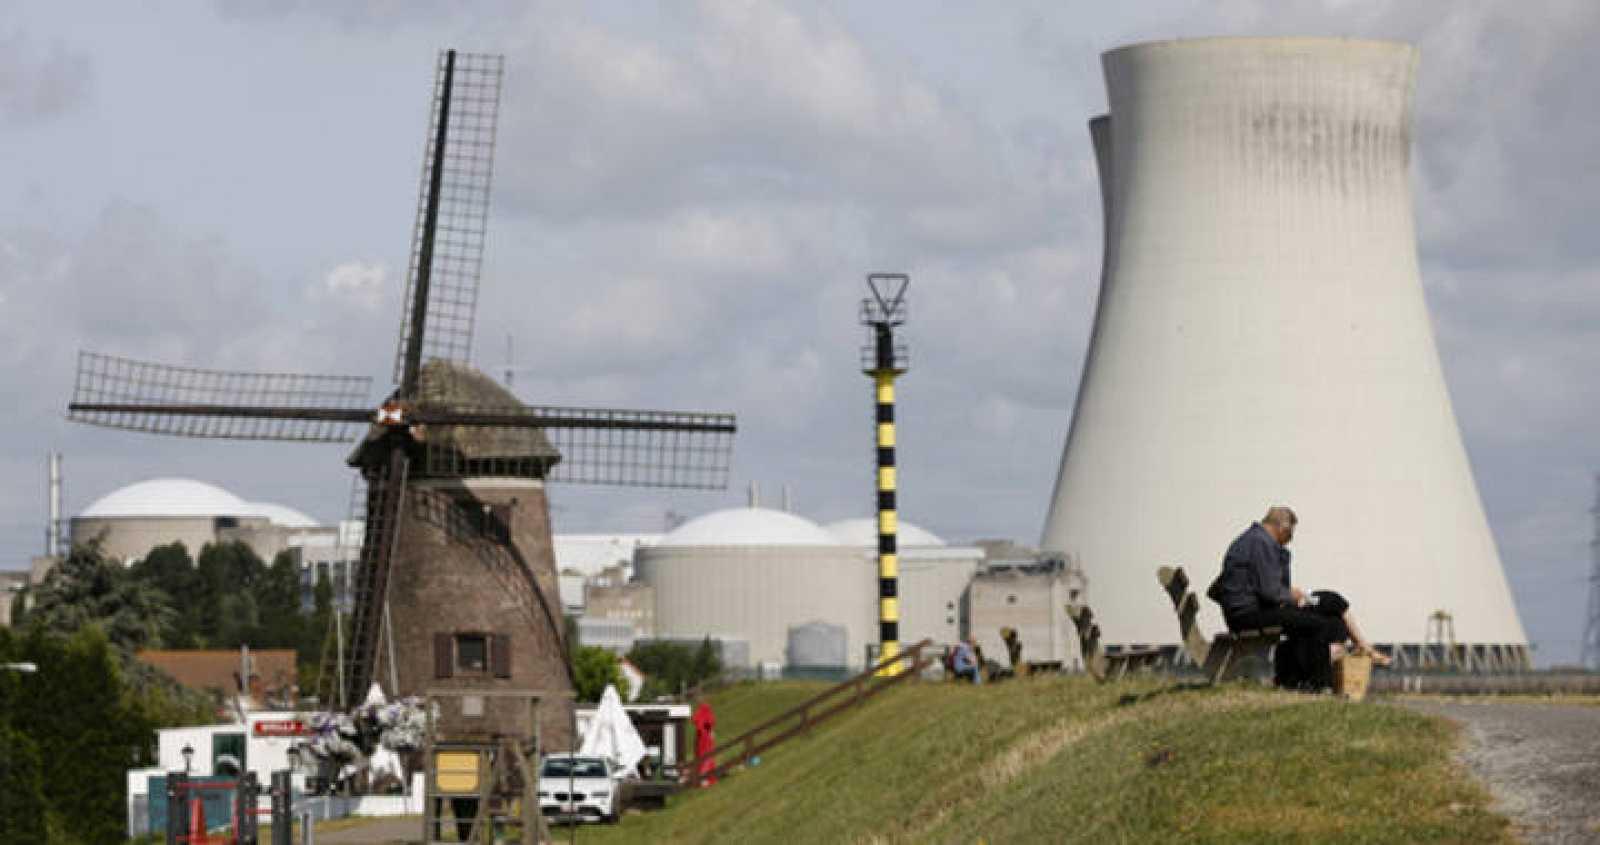 La central nuclear Doel en Bélgica tras su cierre cautelar por las fisuras en su reactor.